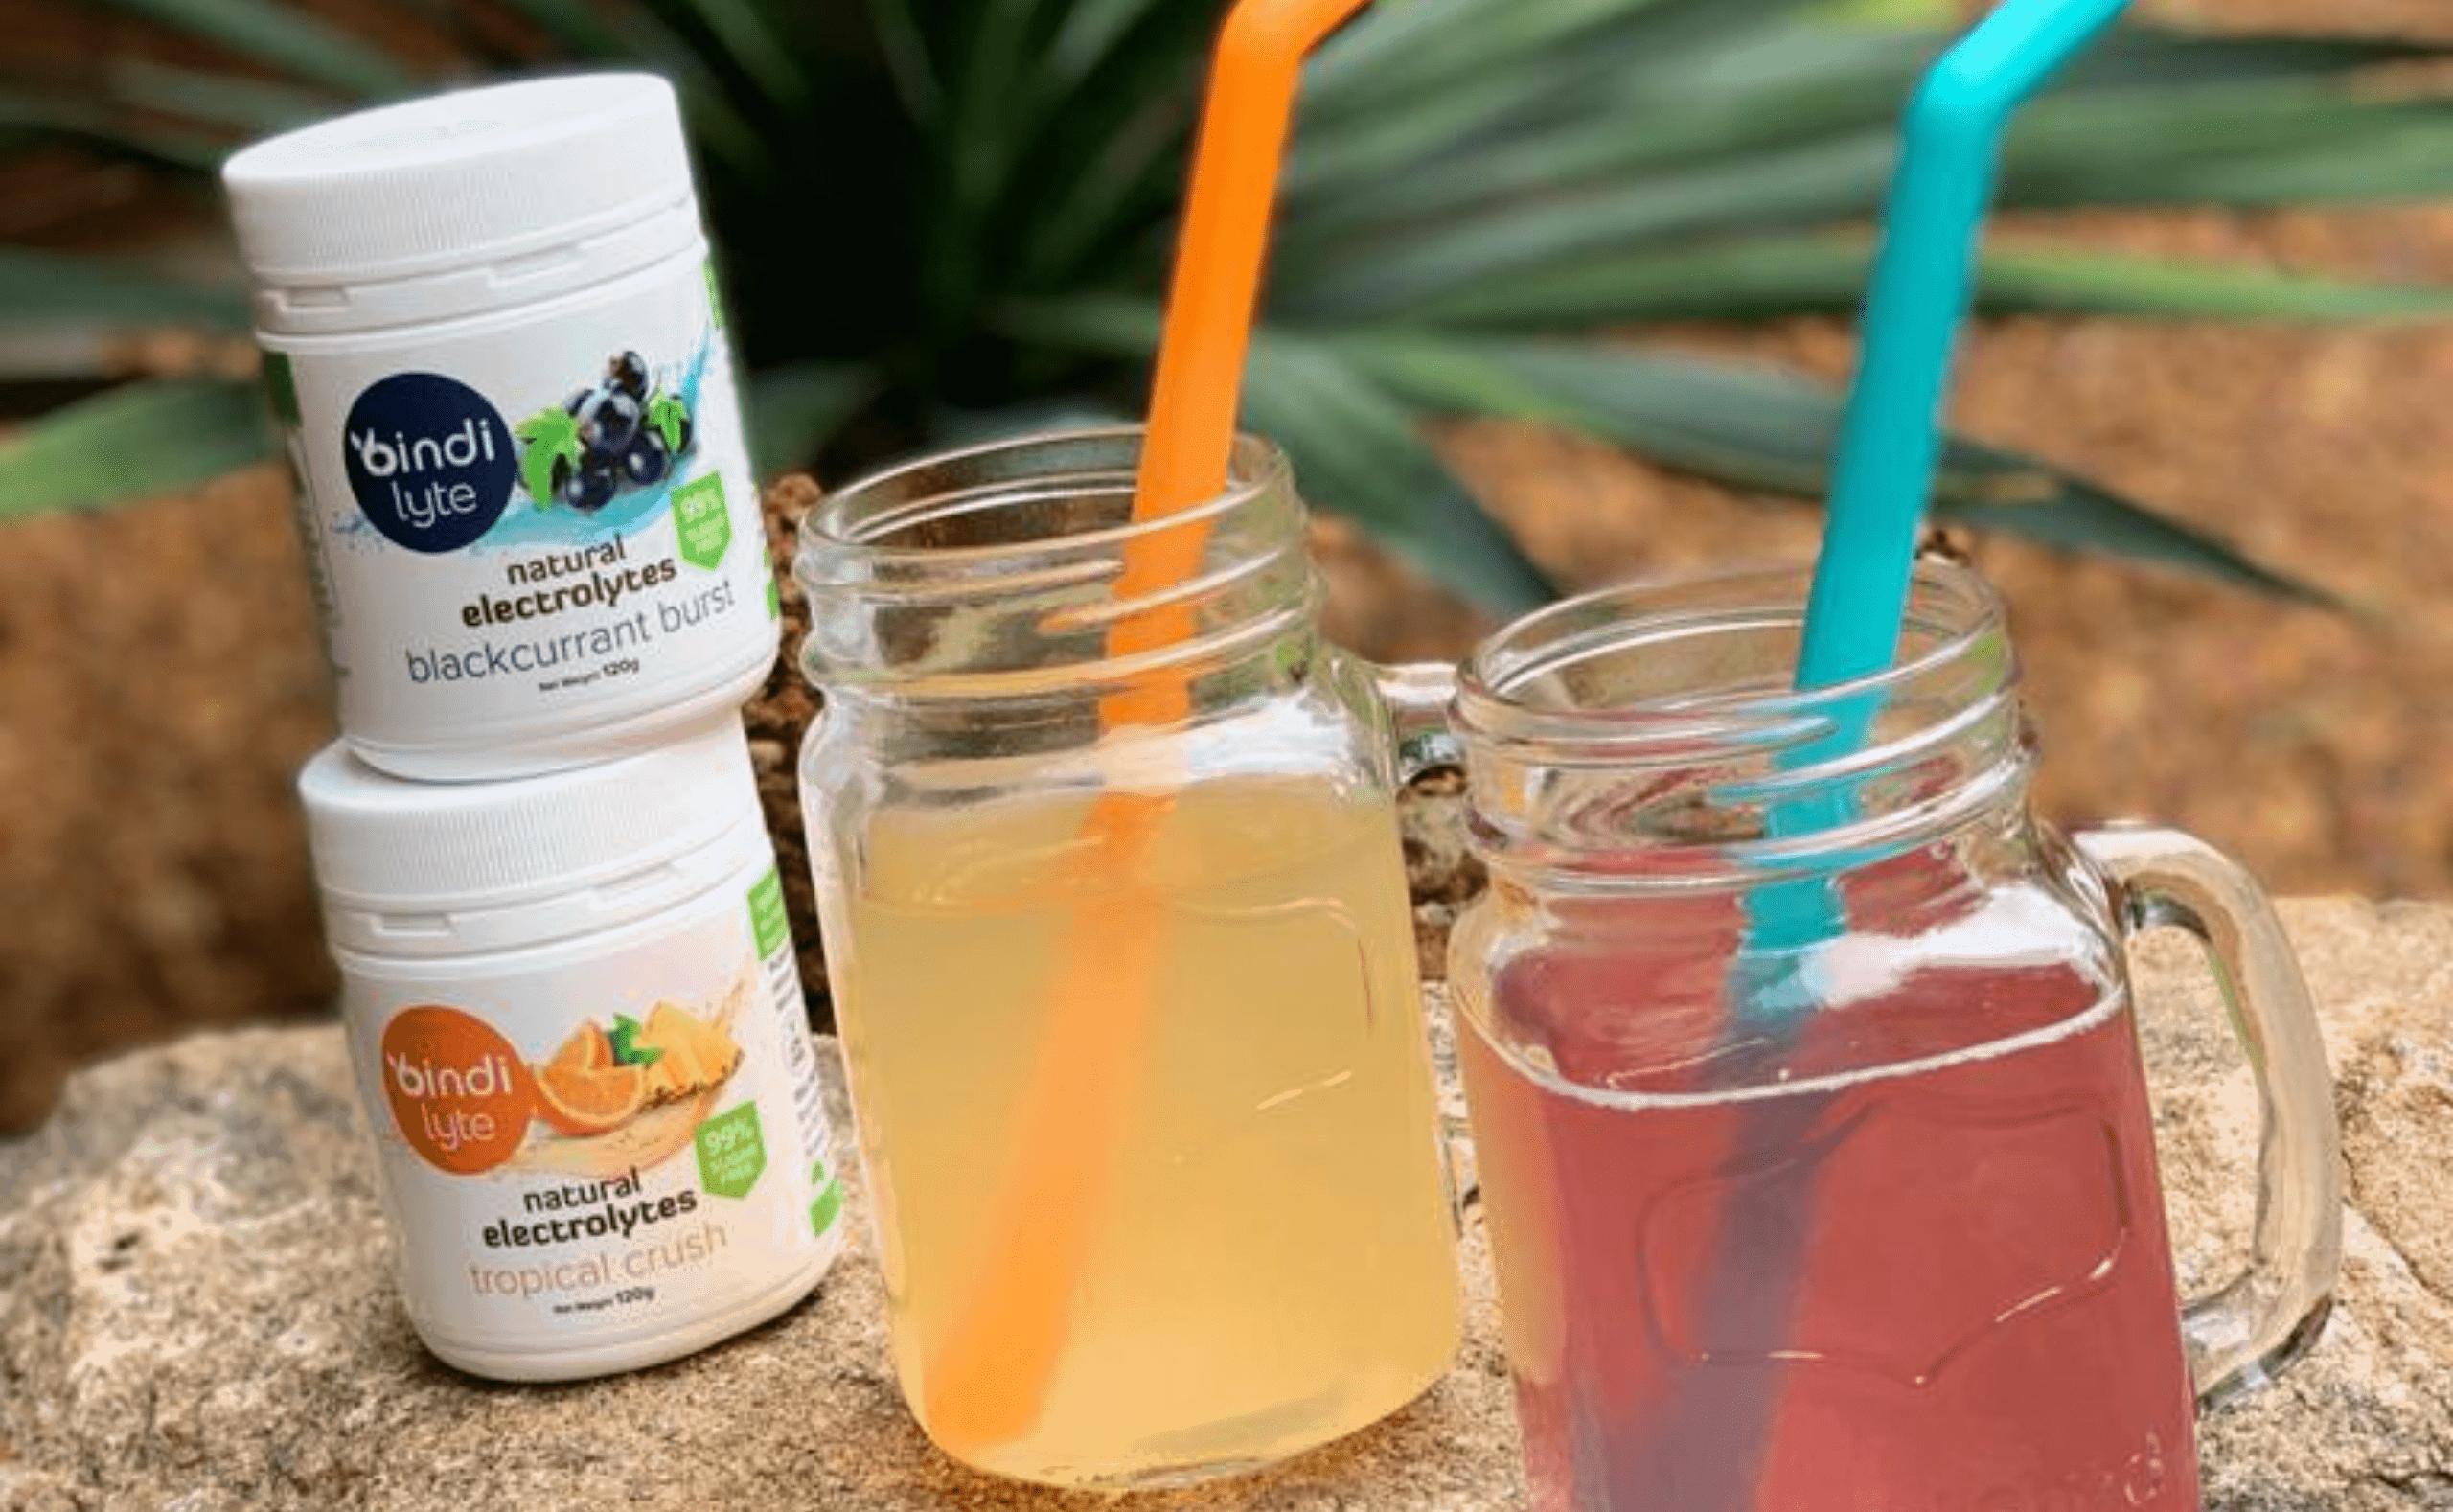 electrolyte sugar free drink